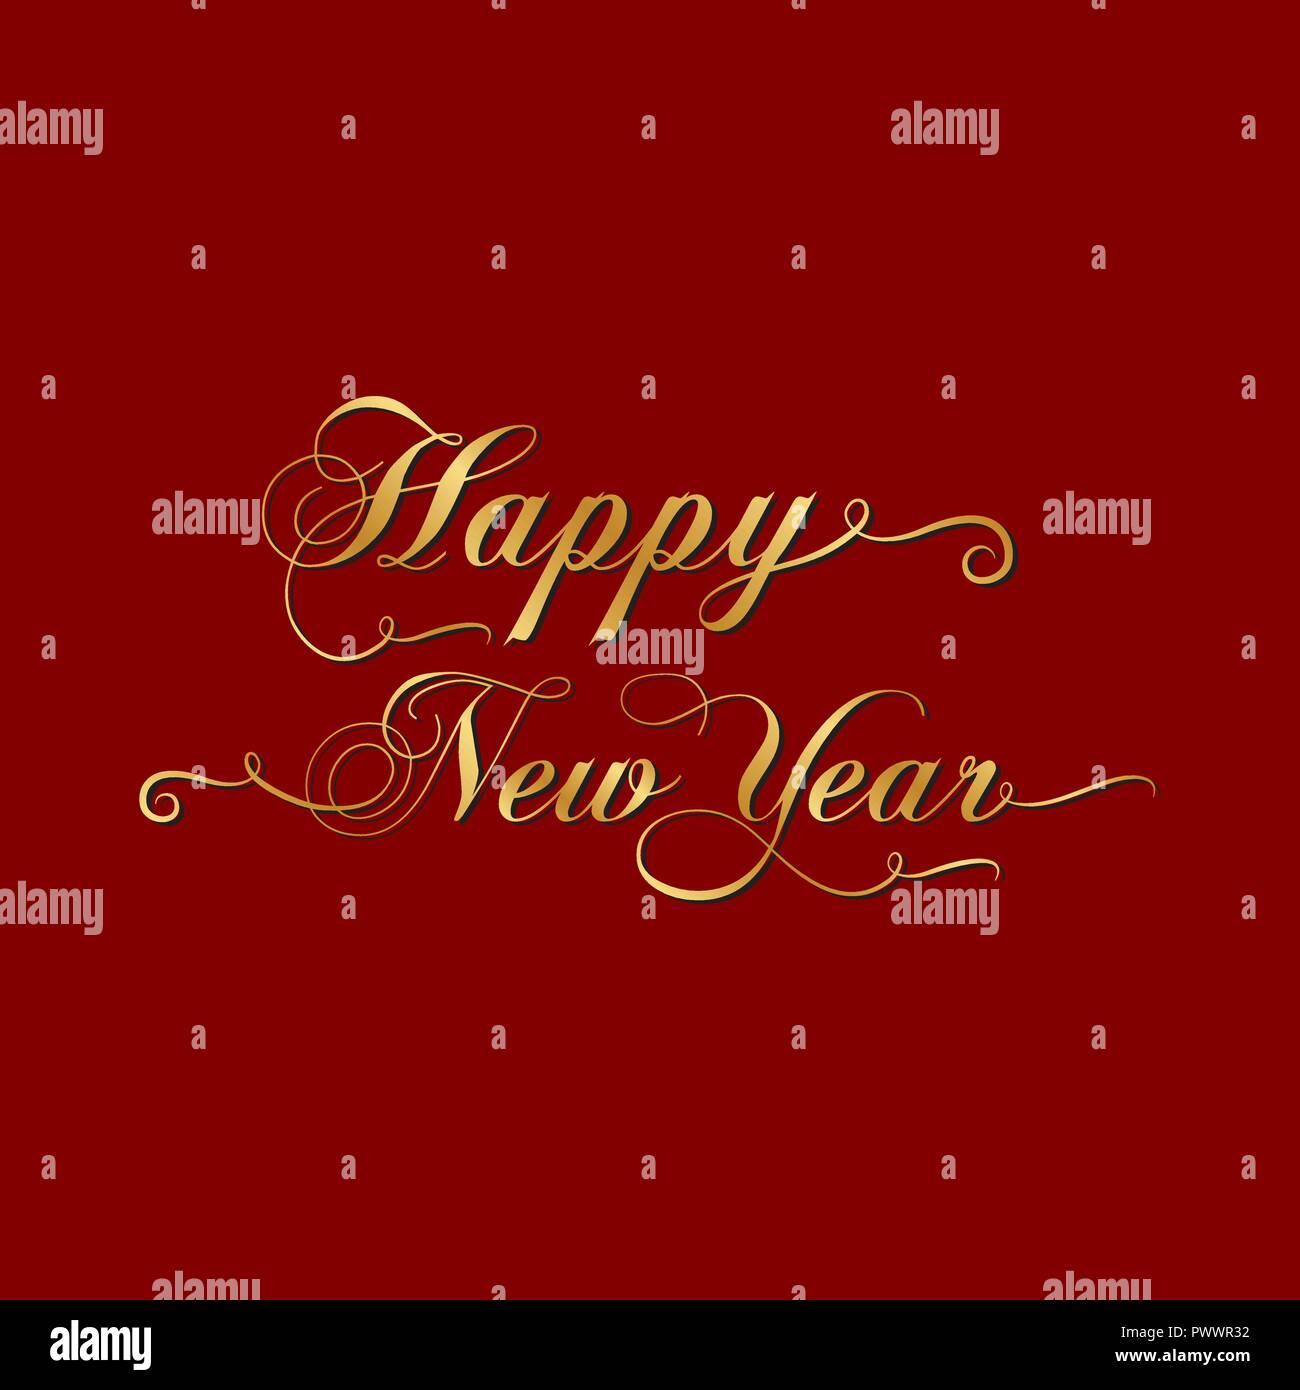 Frohe Weihnachten Und Guten Rutsch In Neues Jahr.Frohe Weihnachten Und Guten Rutsch Ins Neue Jahr